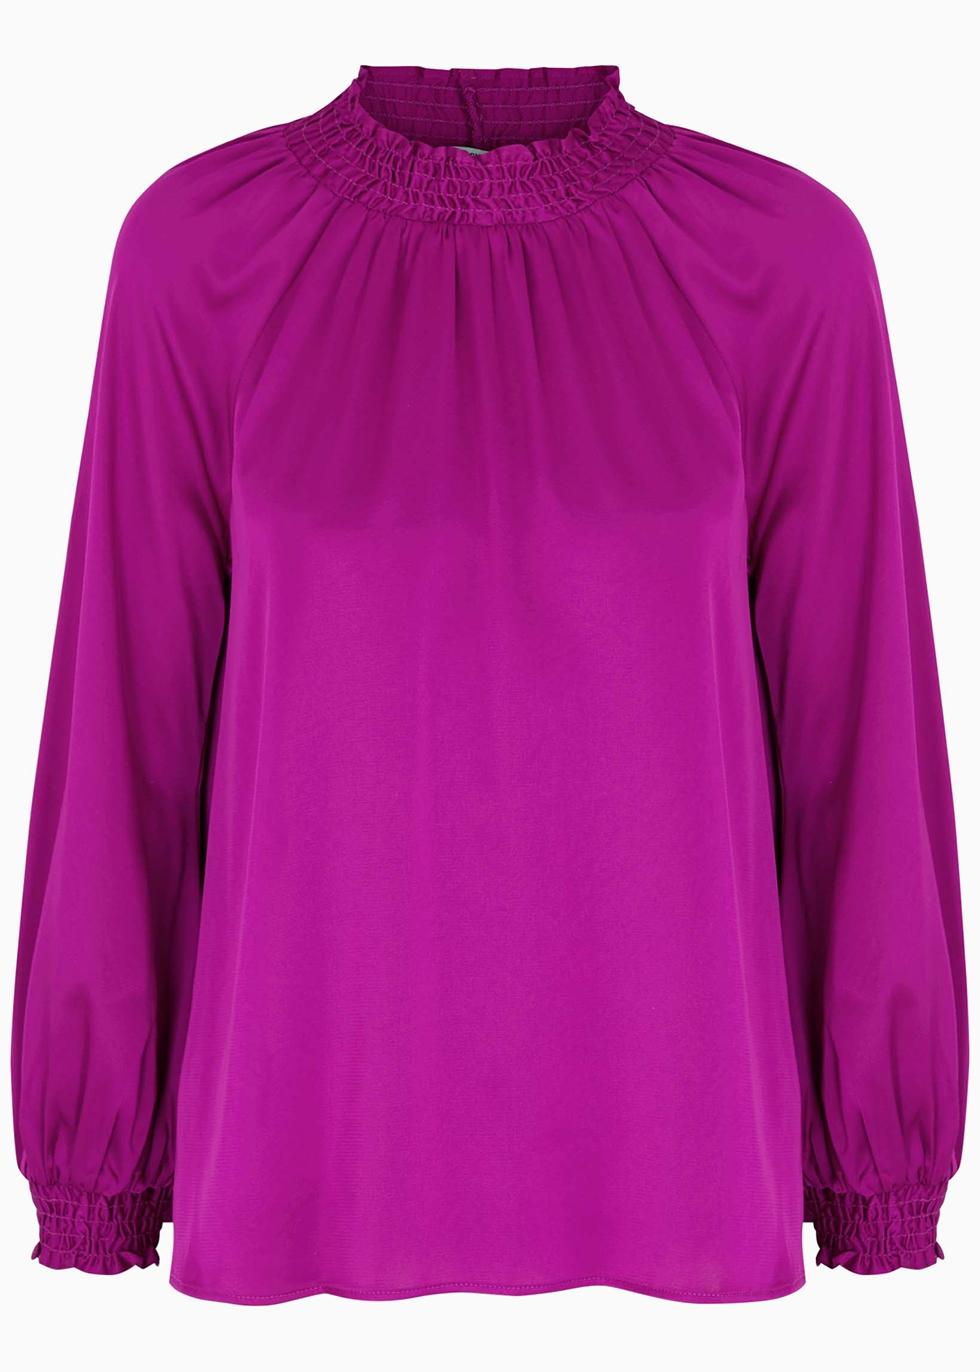 Greta fuchsia satin blouse